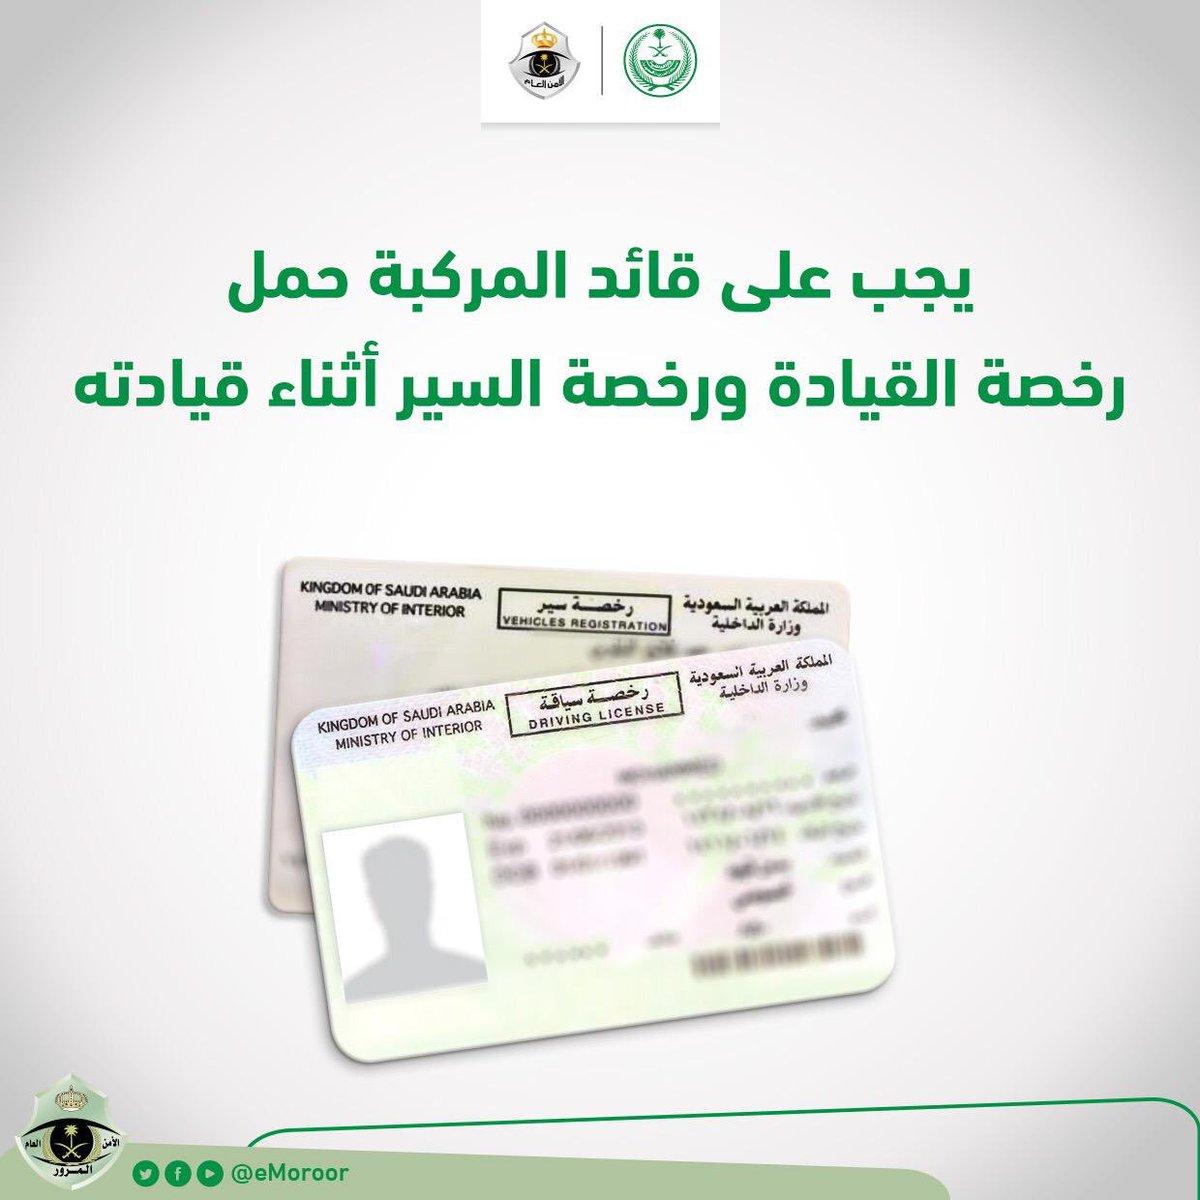 المرور السعودي A Twitteren عدم حمل رخصة القيادة أو رخصة السير أثناء القيادة مخالفة مرورية وردت عقوبتها بجدول المخالفات رقم ٢ المرور السعودي هدفنا سلامتكم Https T Co 12qnkxfgvm